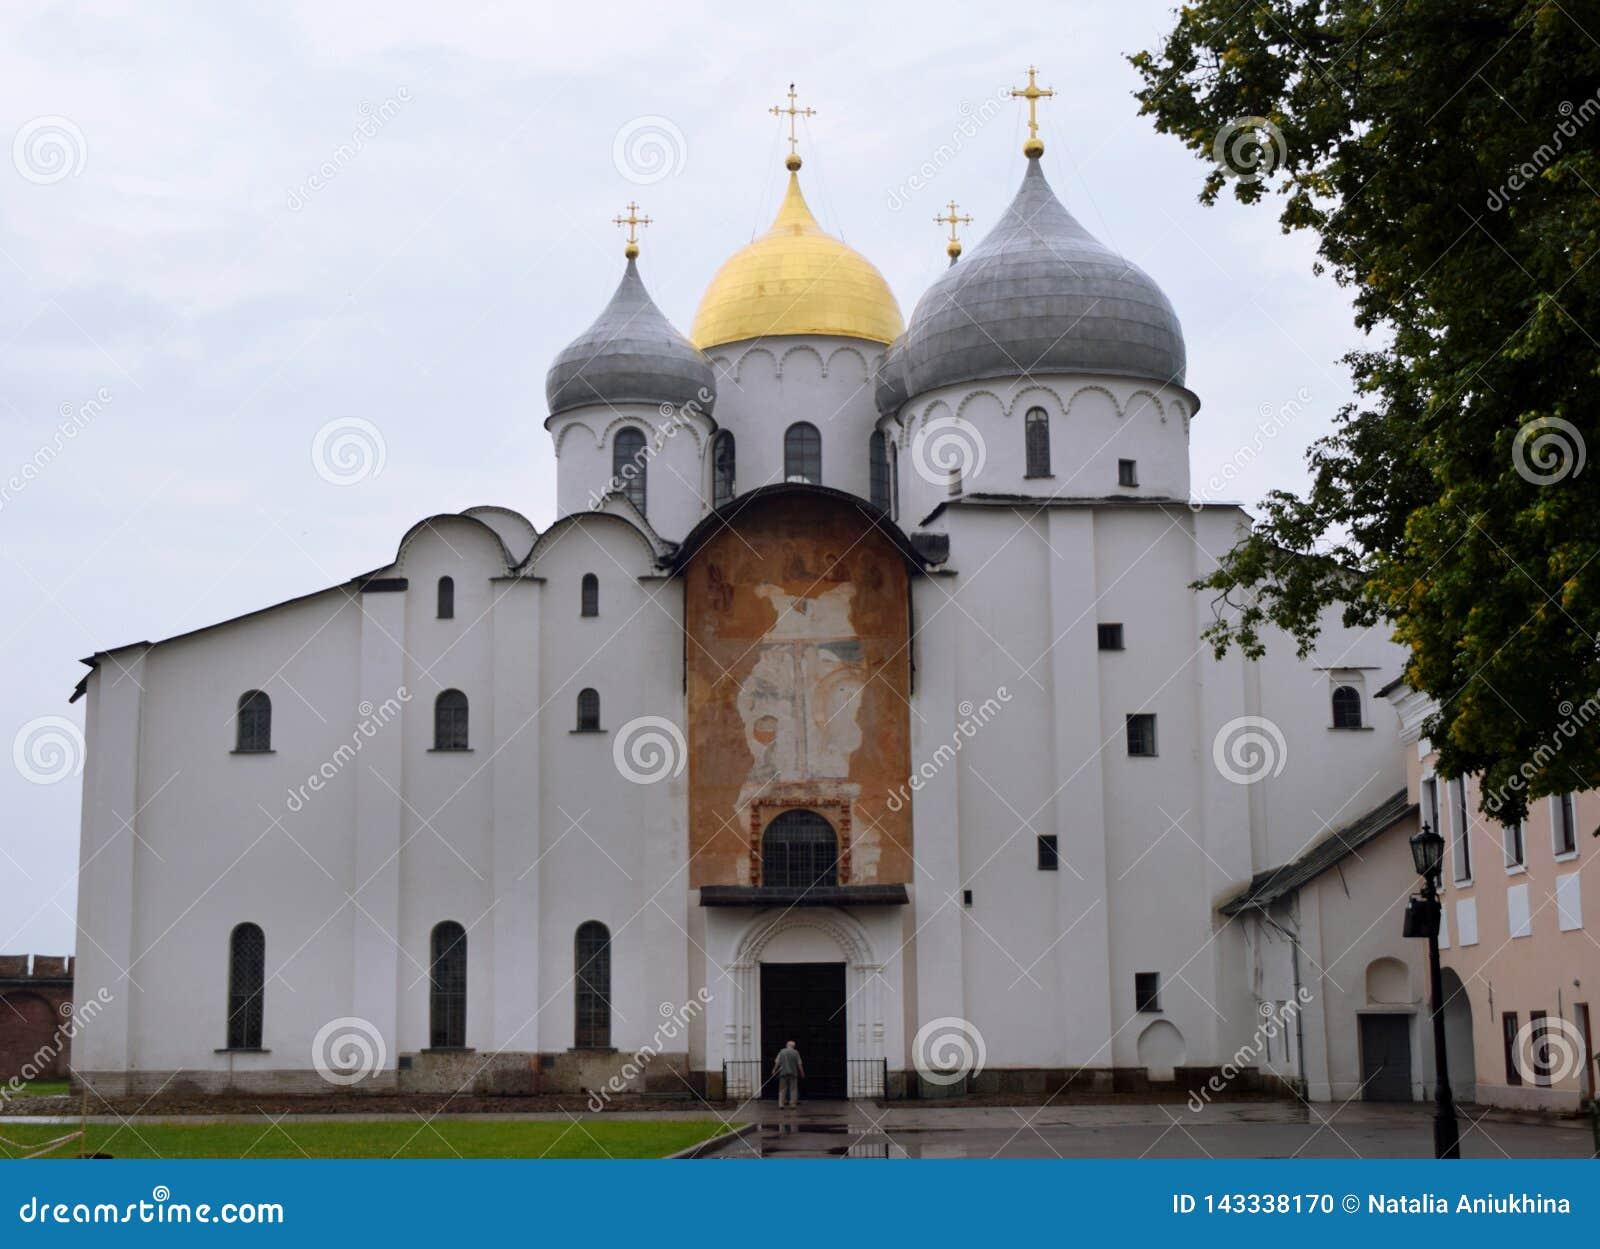 Orthodox Church of St. Sophia in the Novgorod Kremlin in Veliky Novgorod